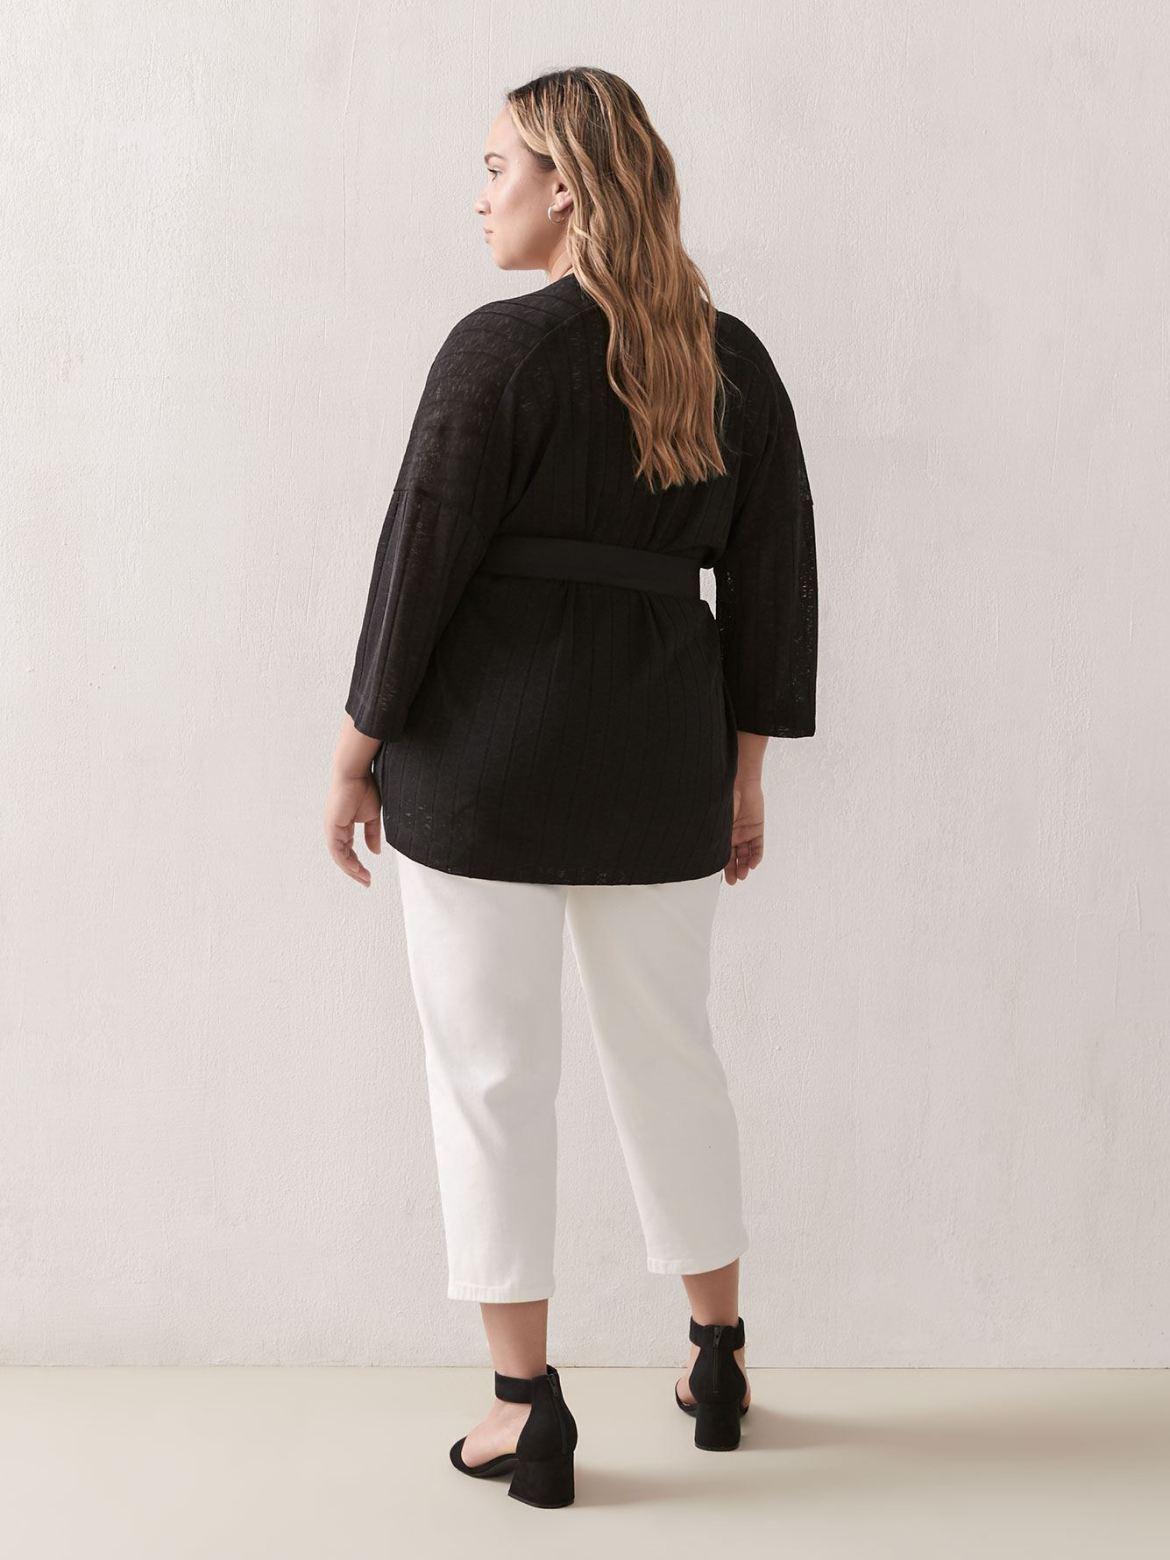 Wide-Sleeve Belted Cardigan - Addition Elle